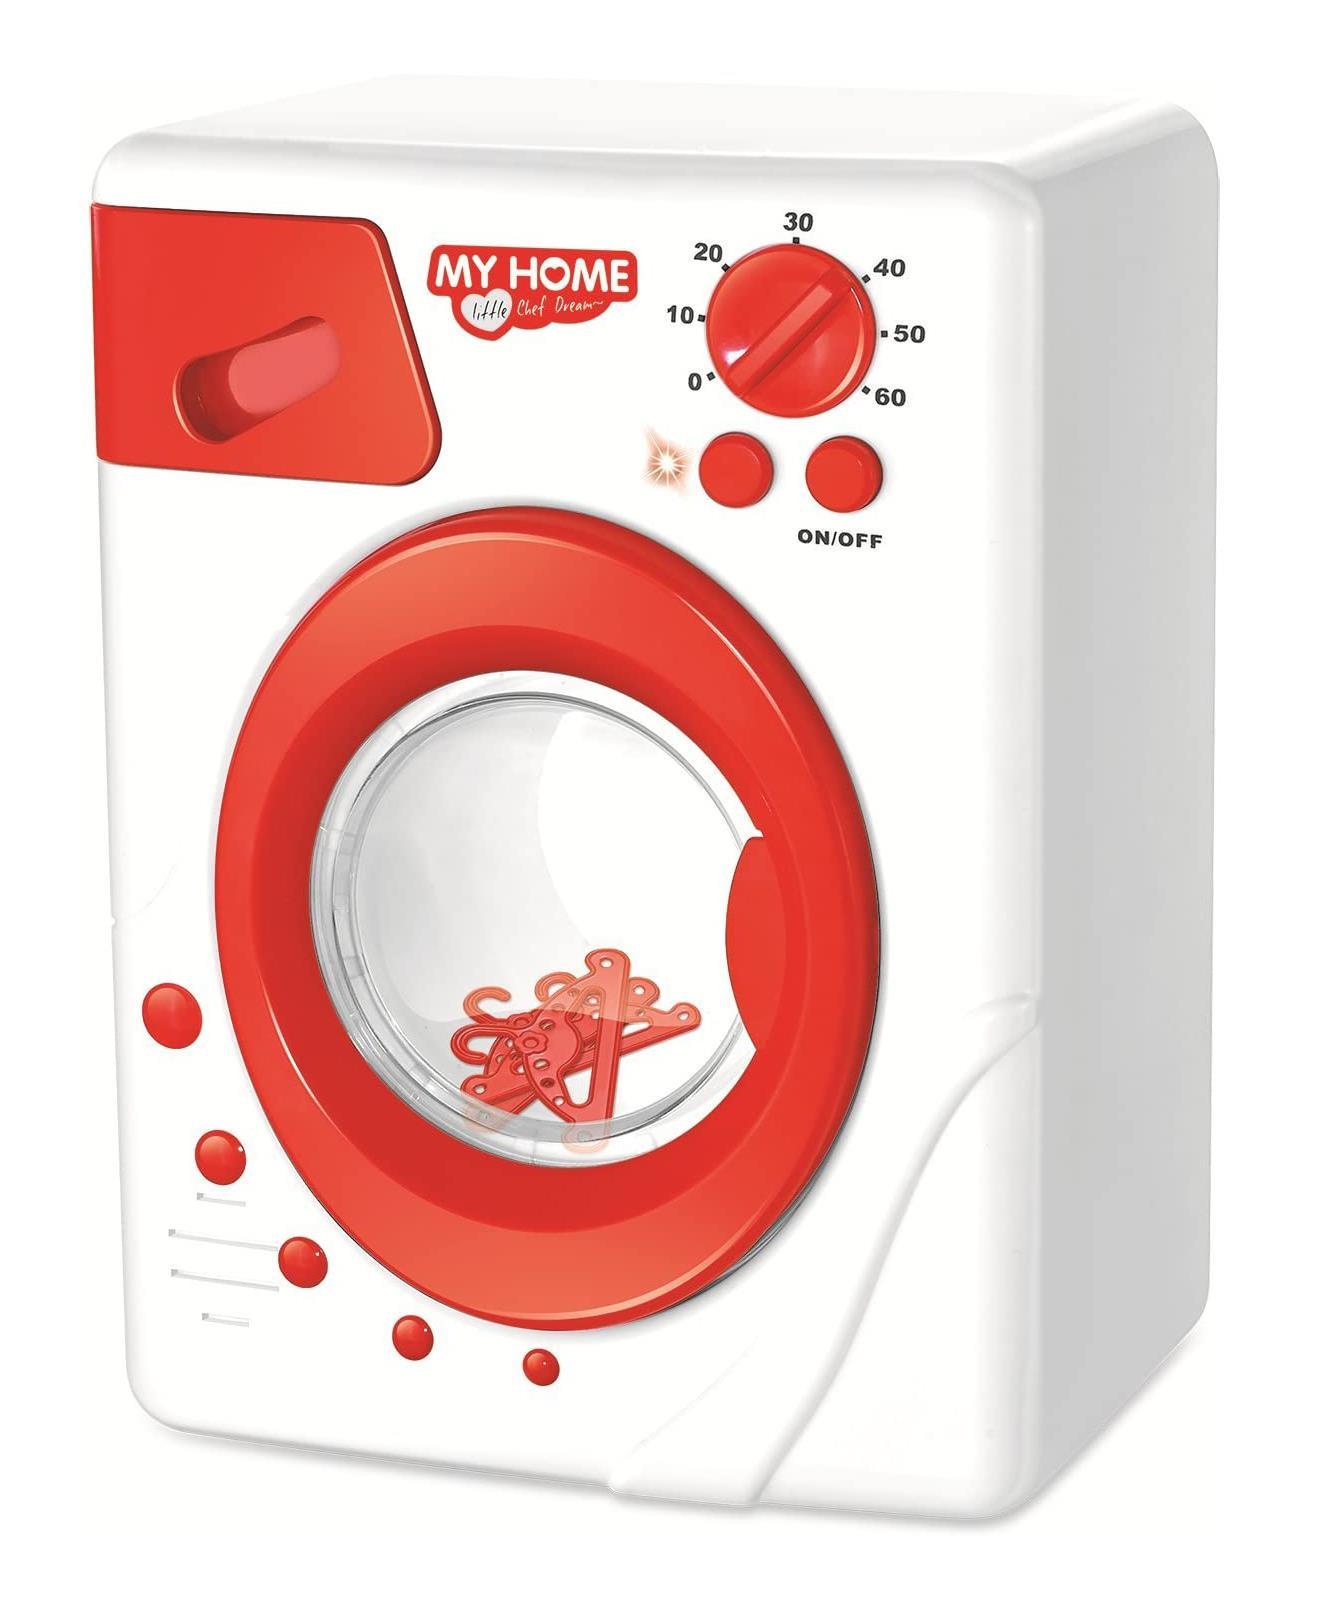 miniature 29 - Kids Play Cuisine Cuisson accessoires Home appliance rôle Semblant Jouet Fer Cadeau